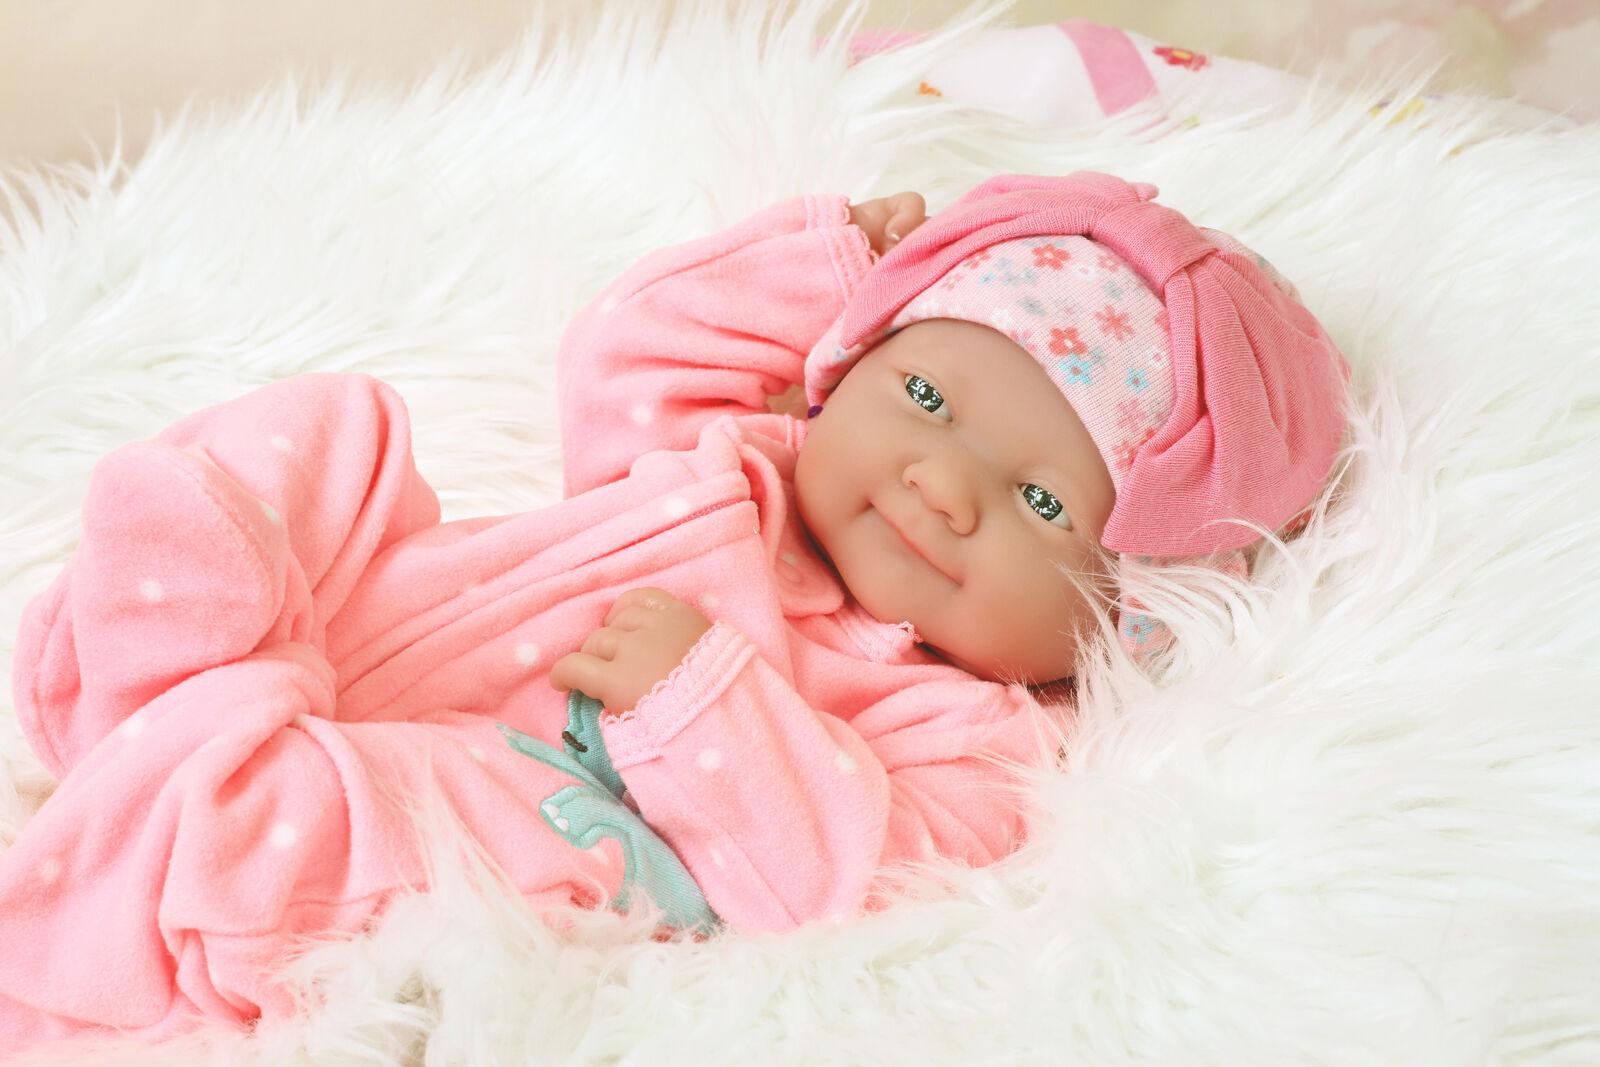 Nuevo  Preemie Berenguer Newborn Bebé Muñeca Vinilo Silicona Hecho a Mano Happy